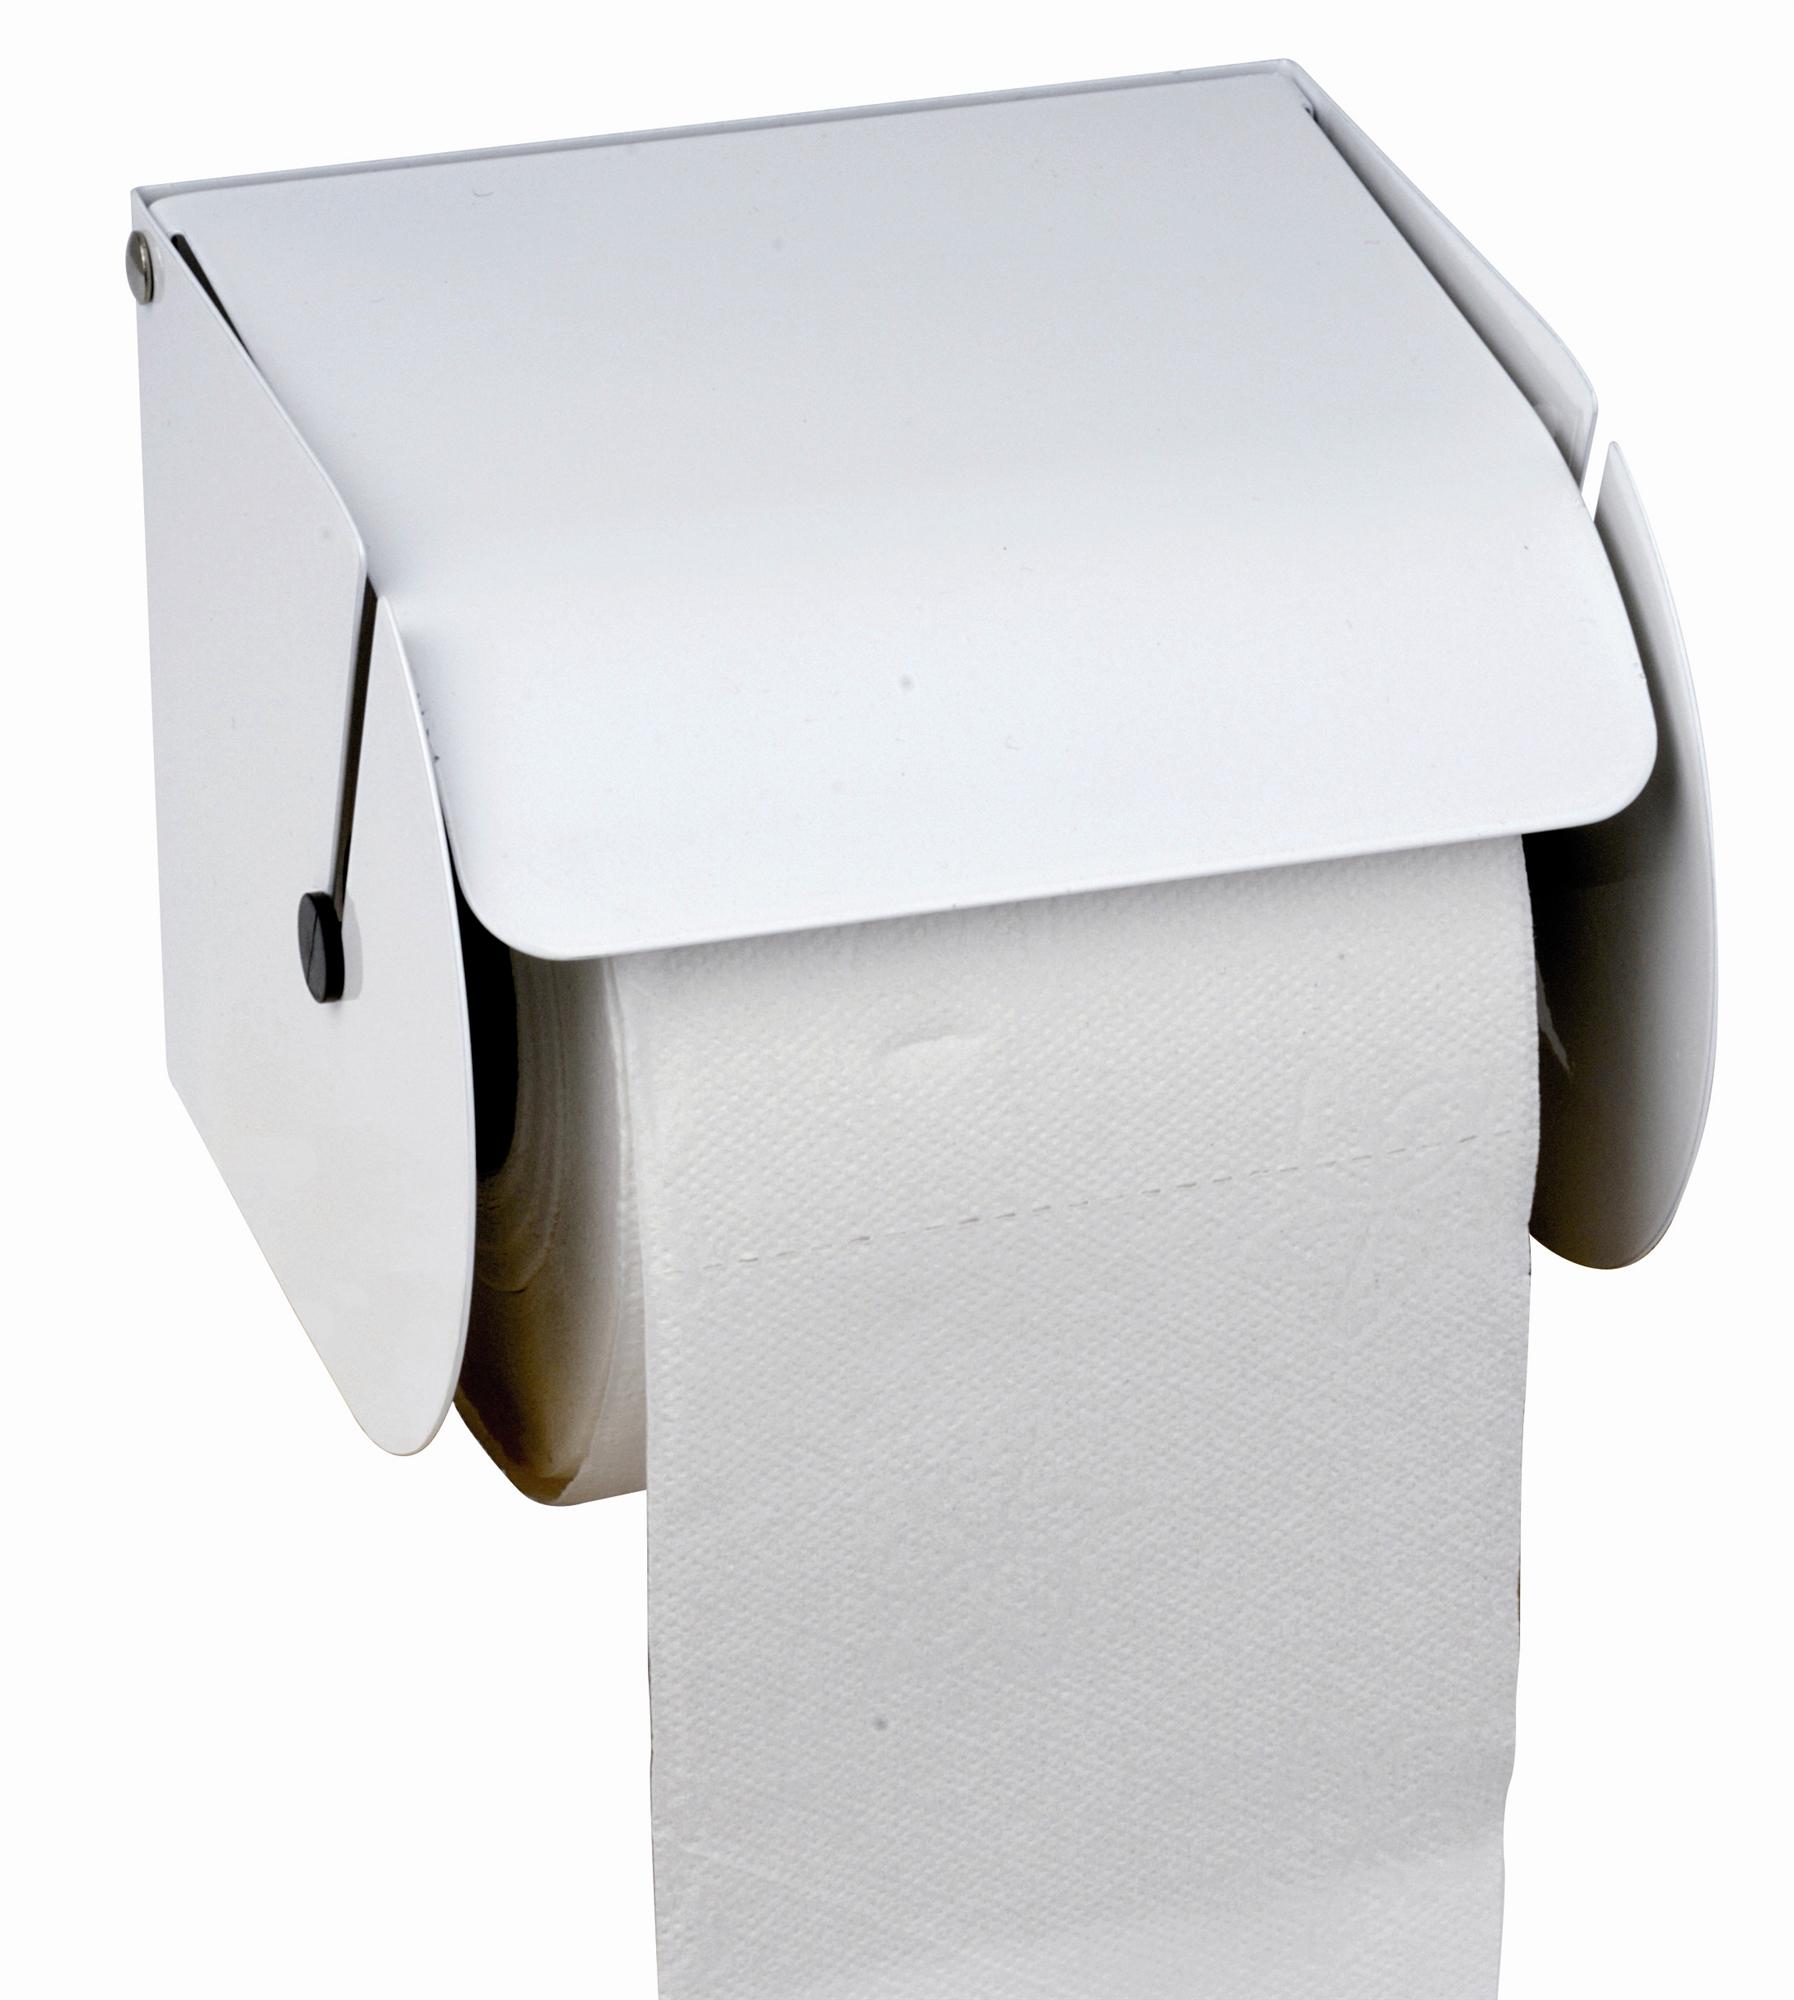 Dérouleur Papier Wc Metal distributeur papier toilette rouleaux métal blanc